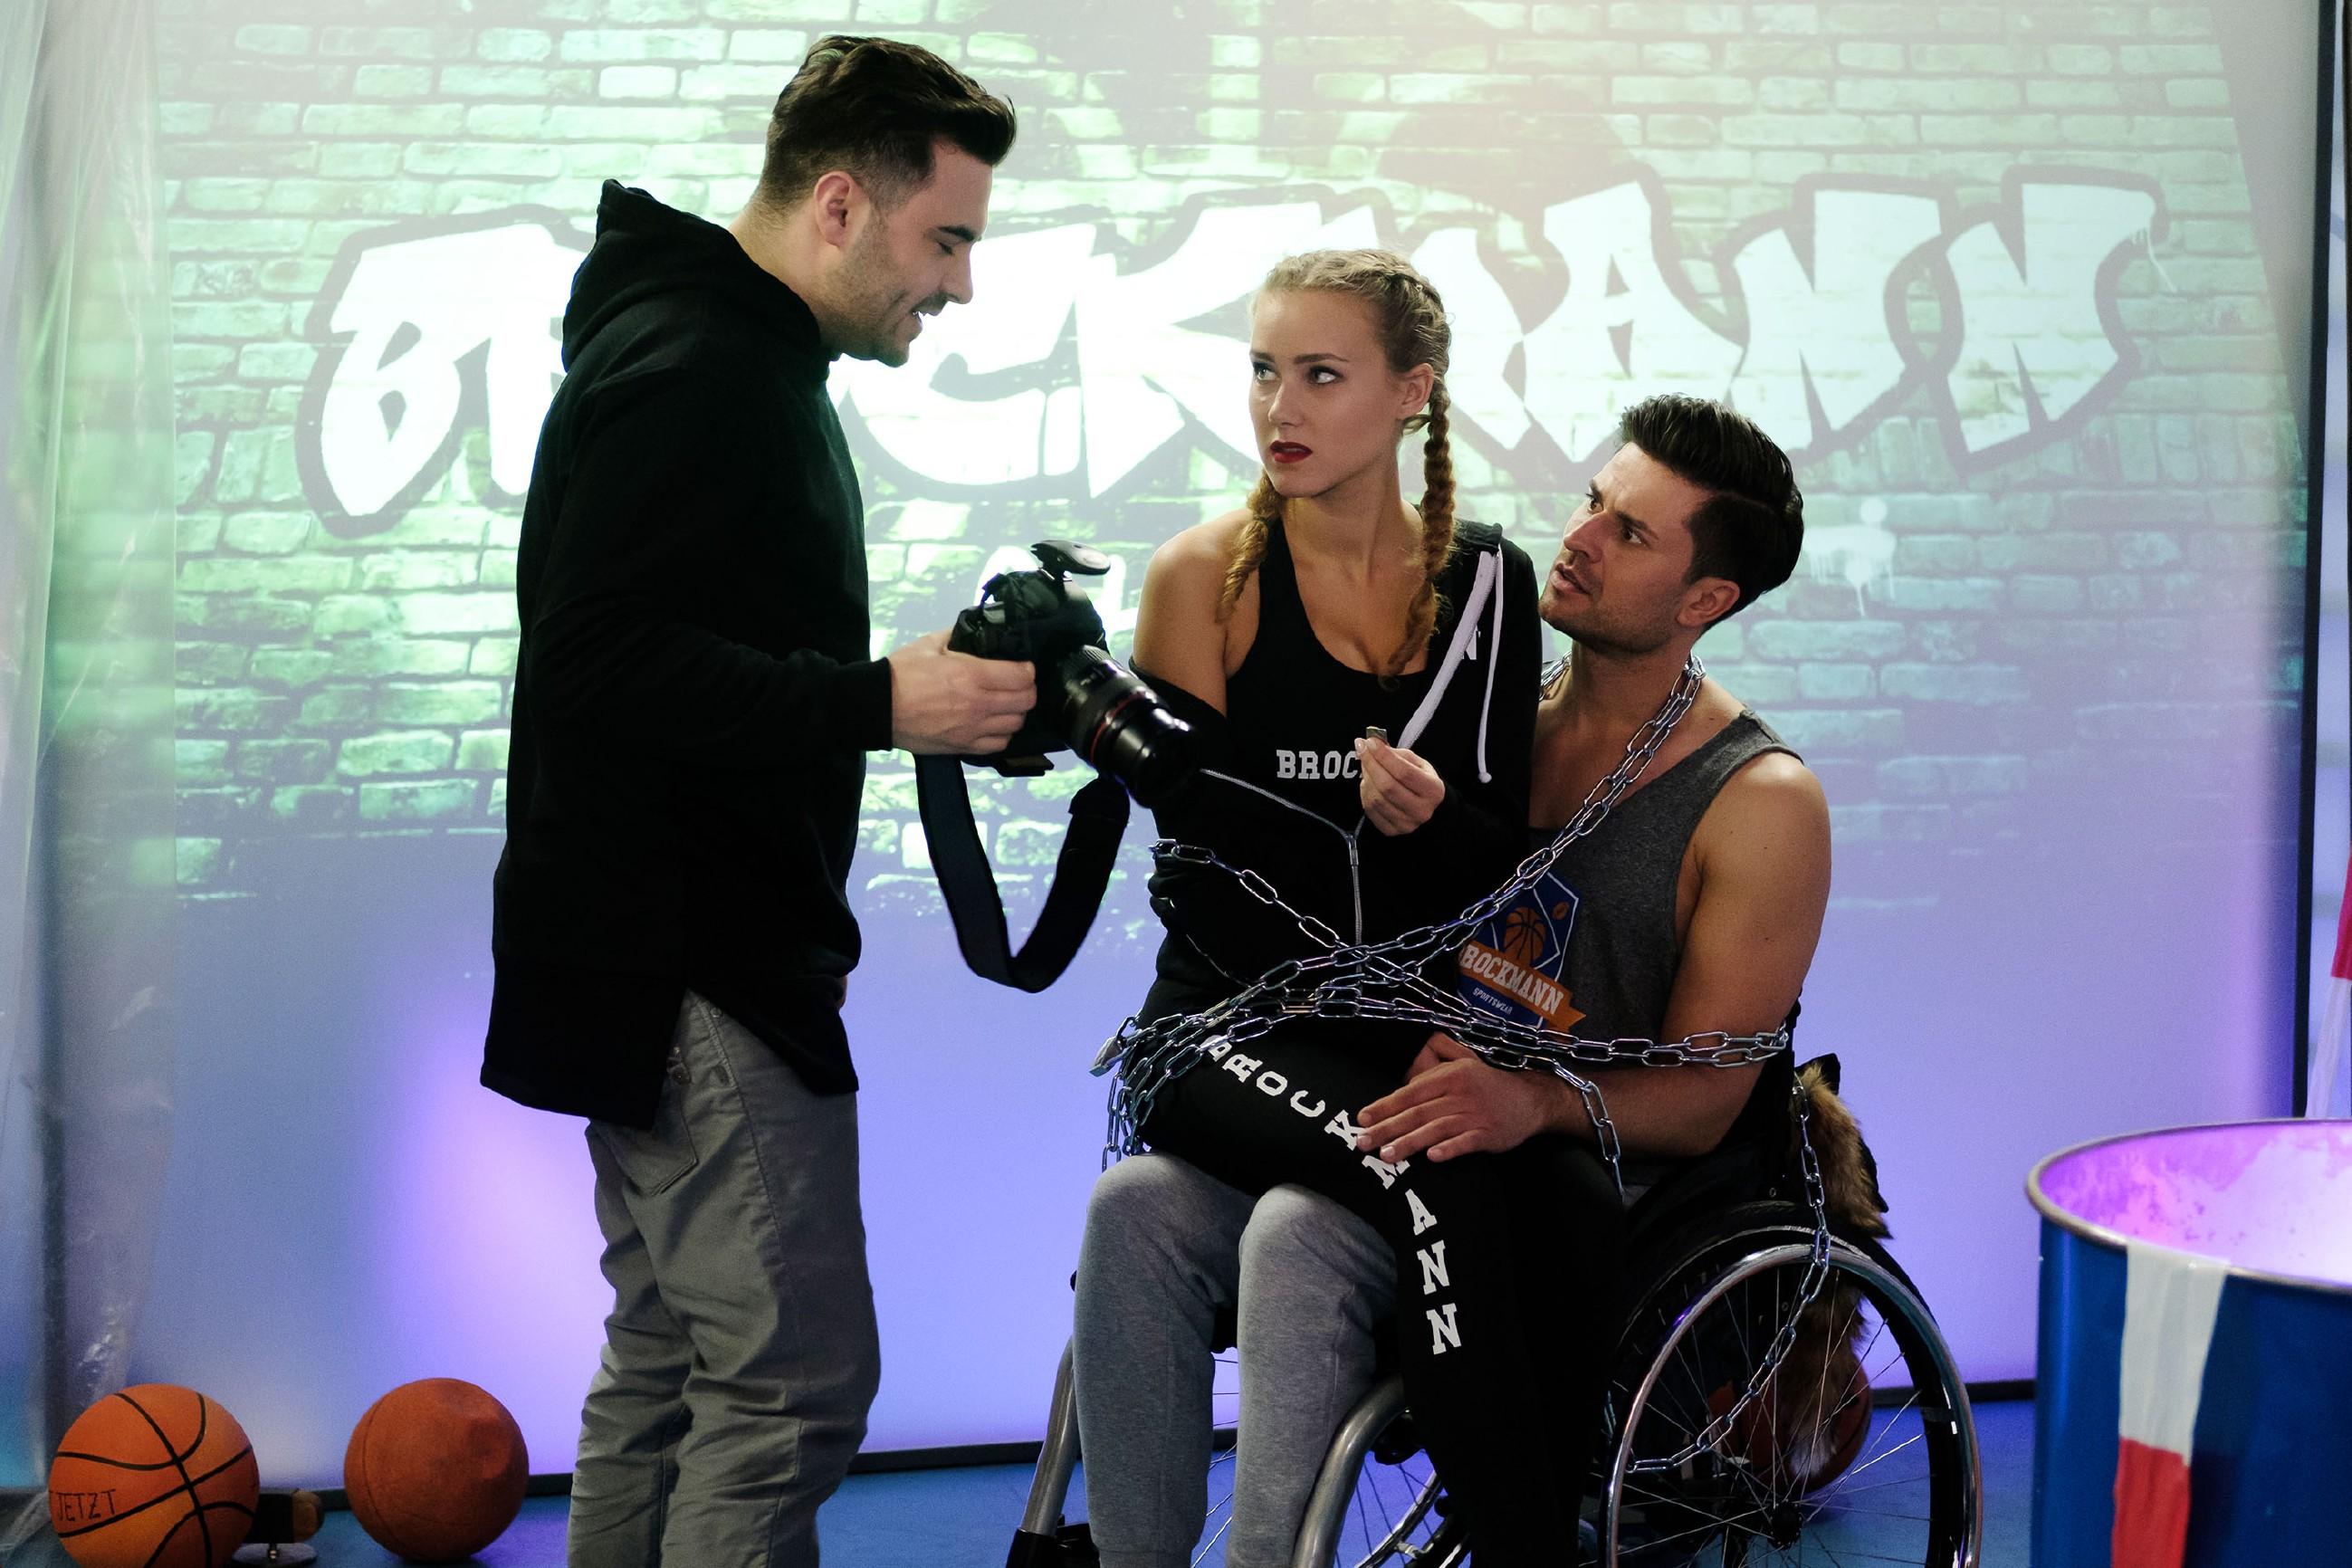 Als Easy (Lars Steinhöfel, l.) KayC (Pauline Angert) und Paco (Milos Vukovic) für ein Foto aneinander kettet, ist KayC ob ihrer Gefühle für Paco in höchster Not... (Quelle: RTL / Stefan Behrens)